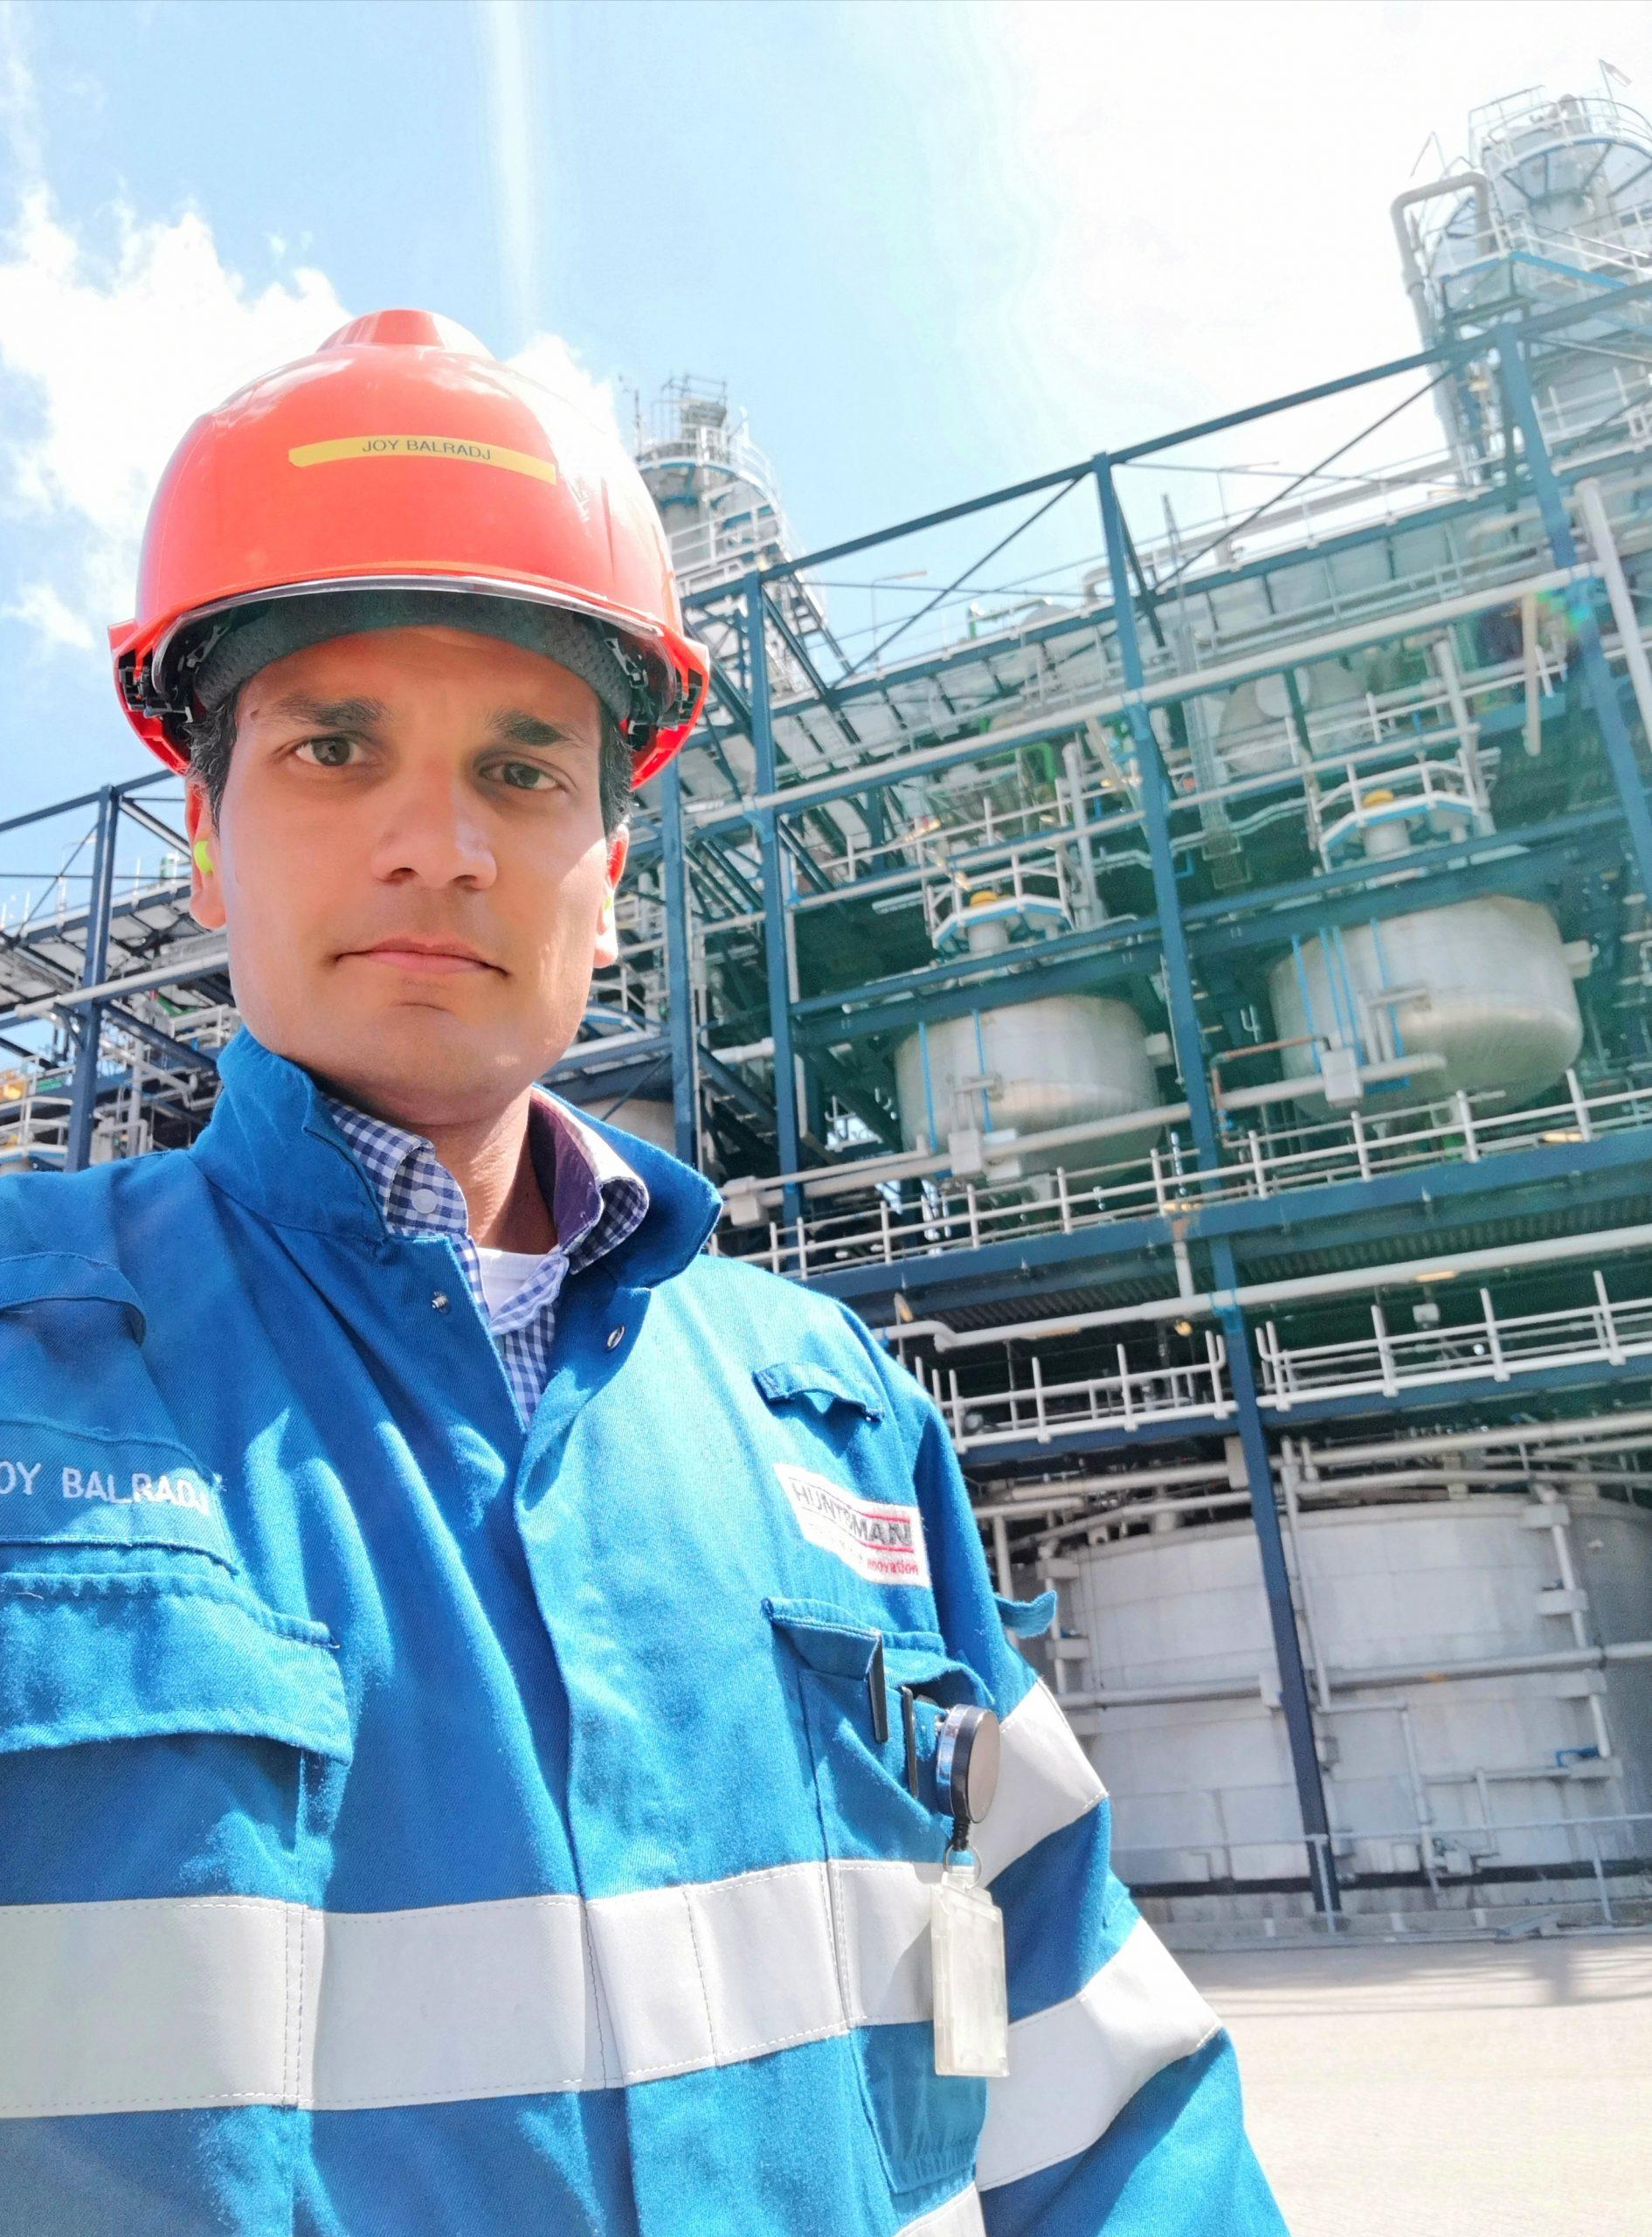 Joy Balradj is process engineer bij Huntsman